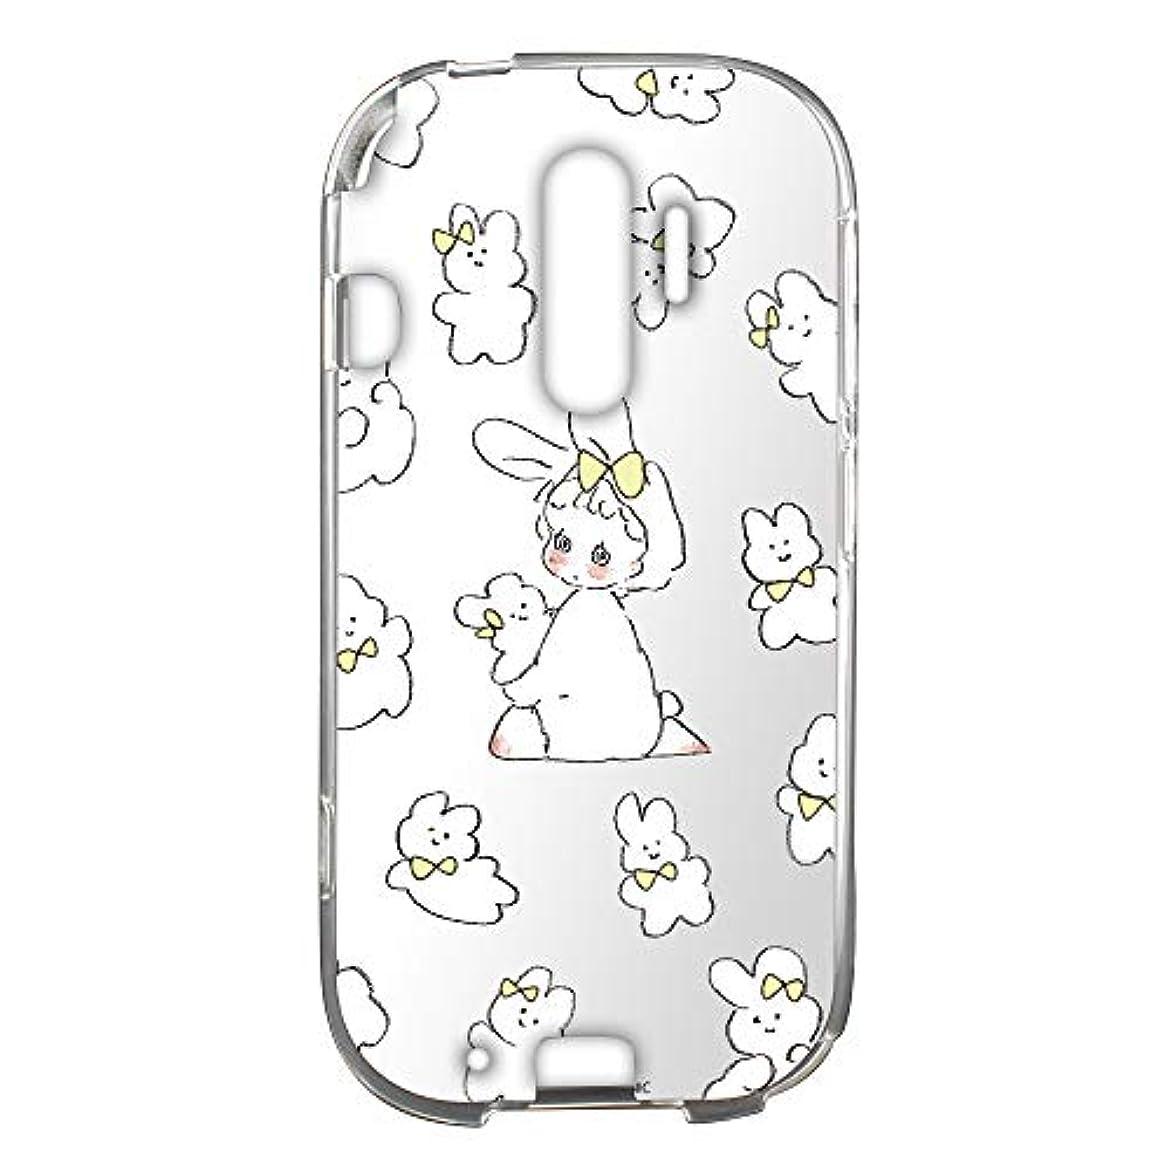 やむを得ない何故なの第五Caho らくらくスマートフォン4 F-04J ケース クリア TPU WHITENUTS プリント うさぎC (ch-053) TC-C0170749